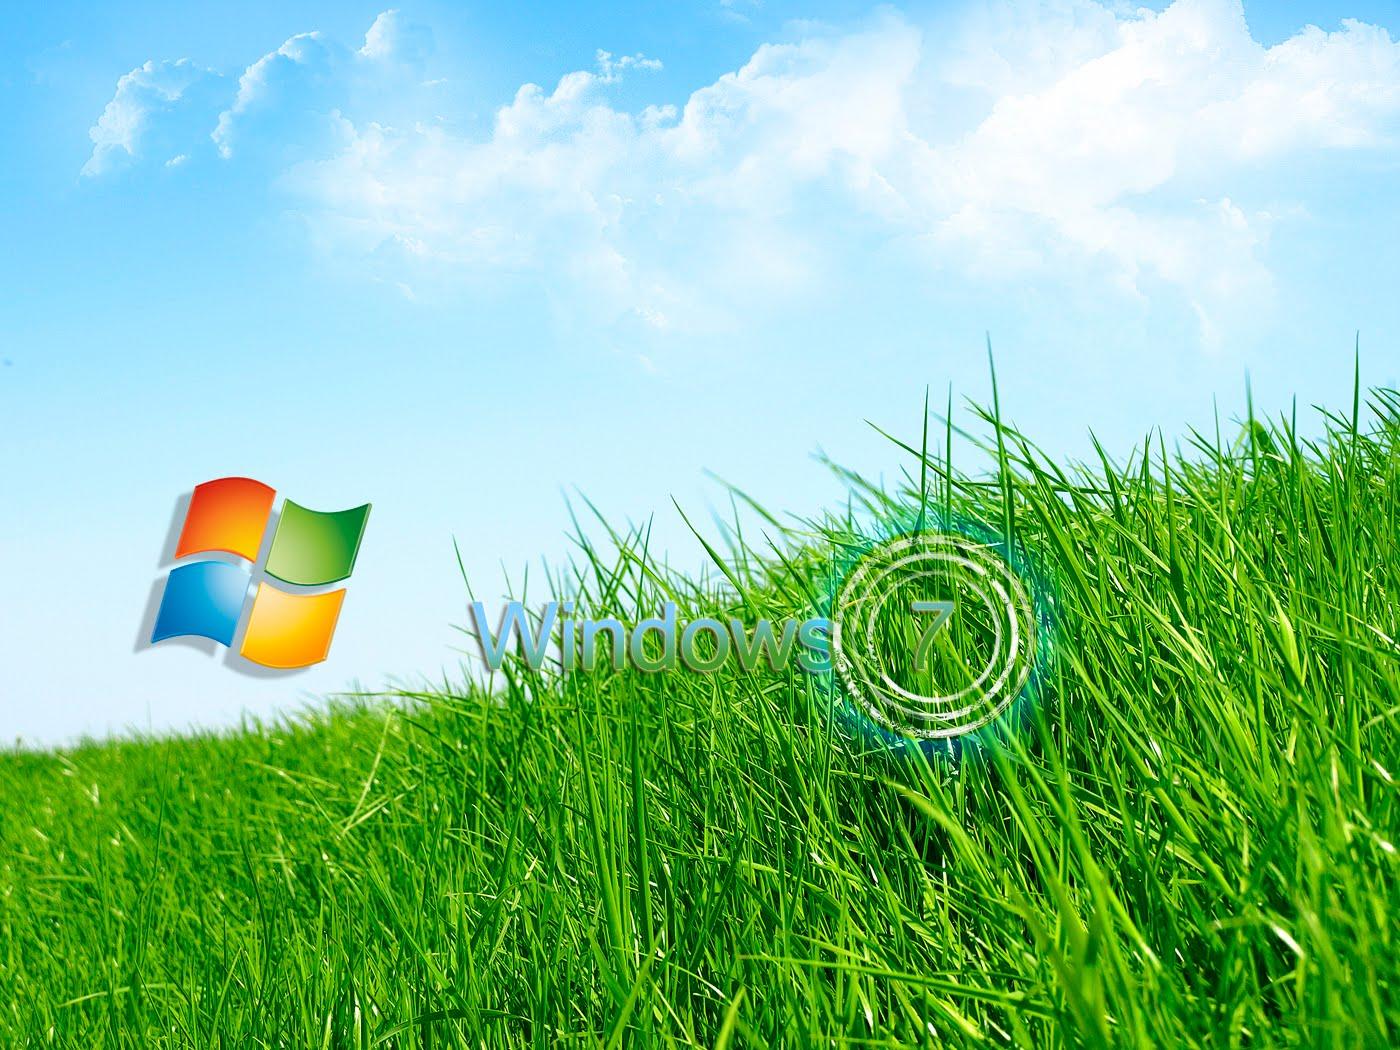 http://4.bp.blogspot.com/-Xqvv8YkbiEU/UFU3PlL6bZI/AAAAAAAACpA/LkGq4mmO5aQ/s1600/windows%252B7%252Bgrass%252Bwallpapers%252B2.jpg